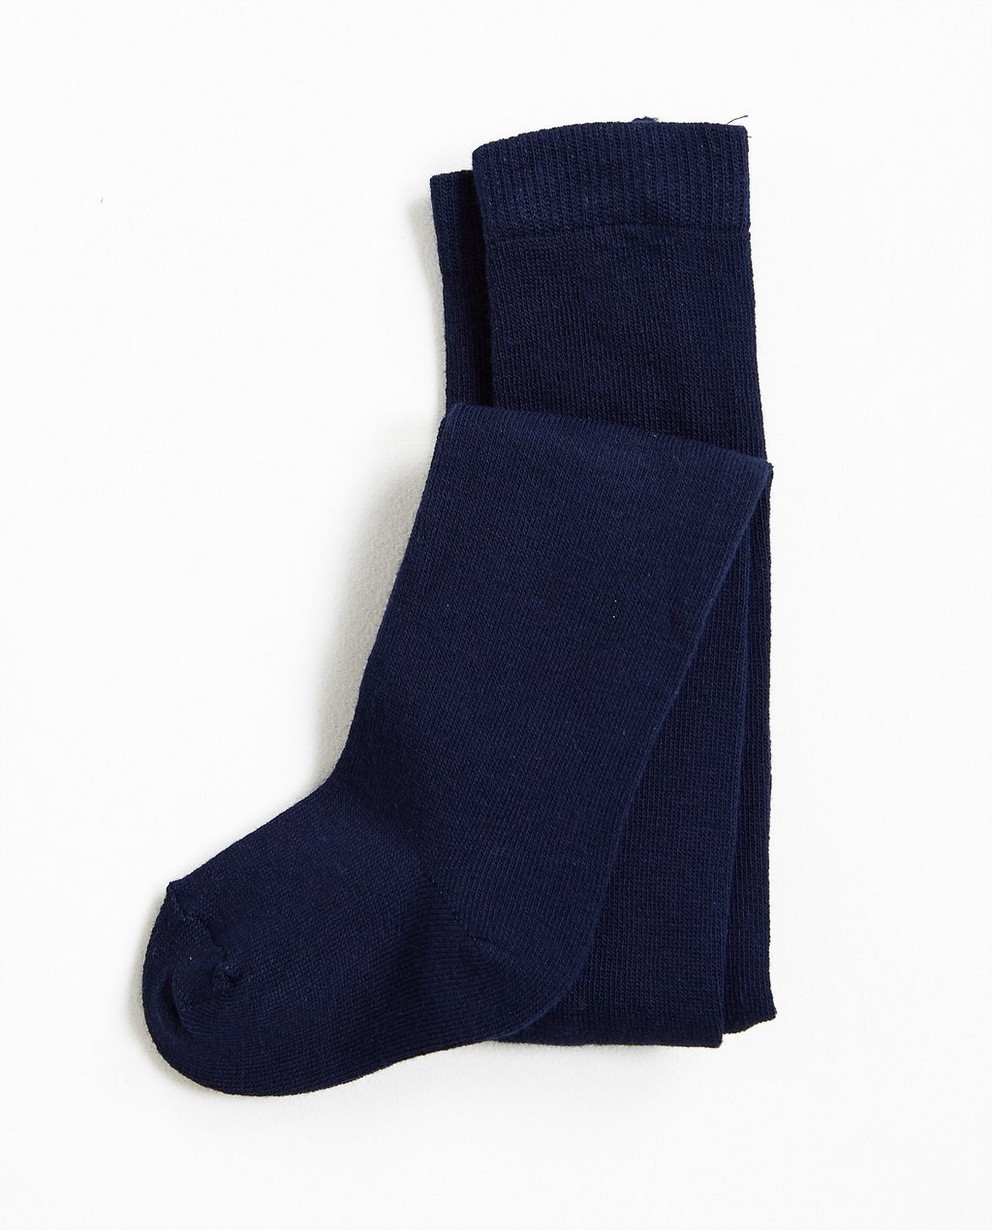 Collant uni - en coton mélangé stretchy - JBC